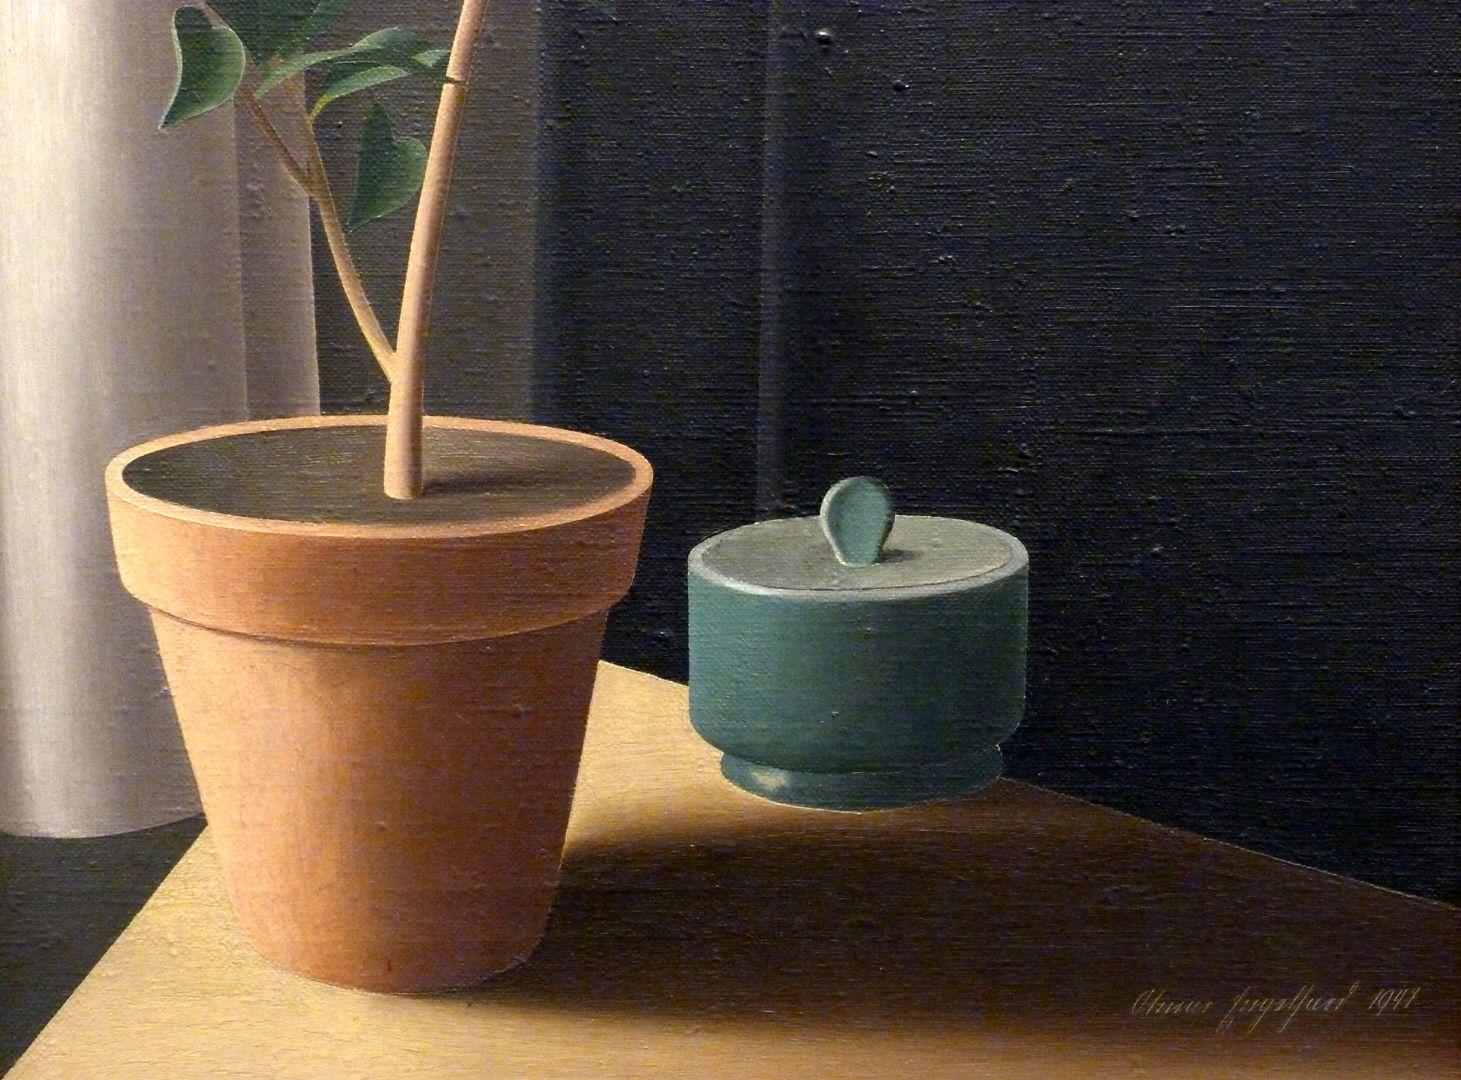 Blumenstock, Kamelie unteres Bilddrittel mit Künstlersignatur